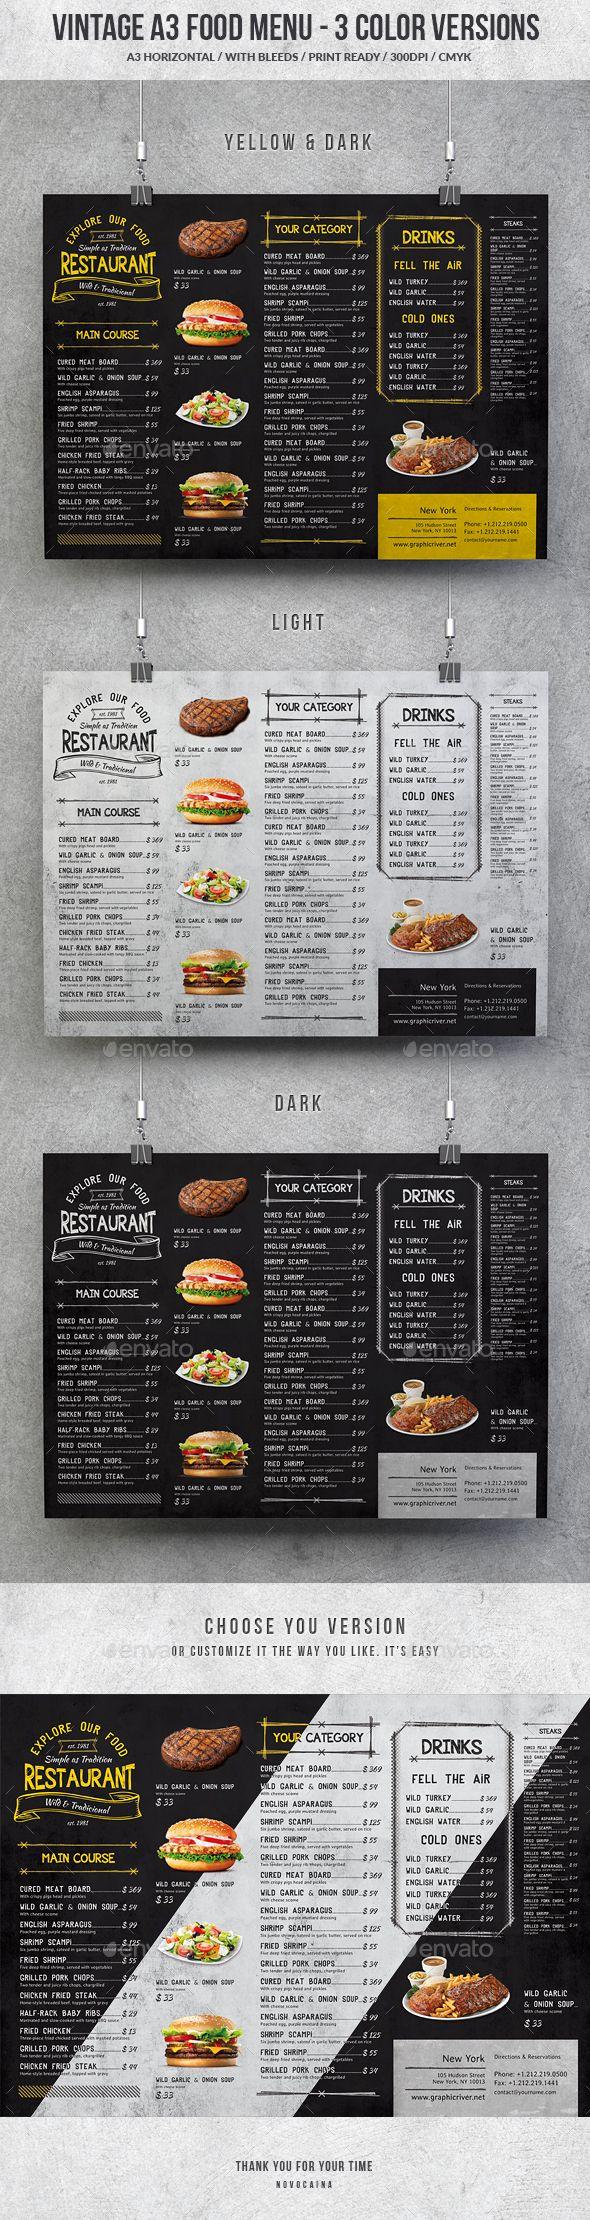 Vintage A3 Food Menu 3 Color Versions